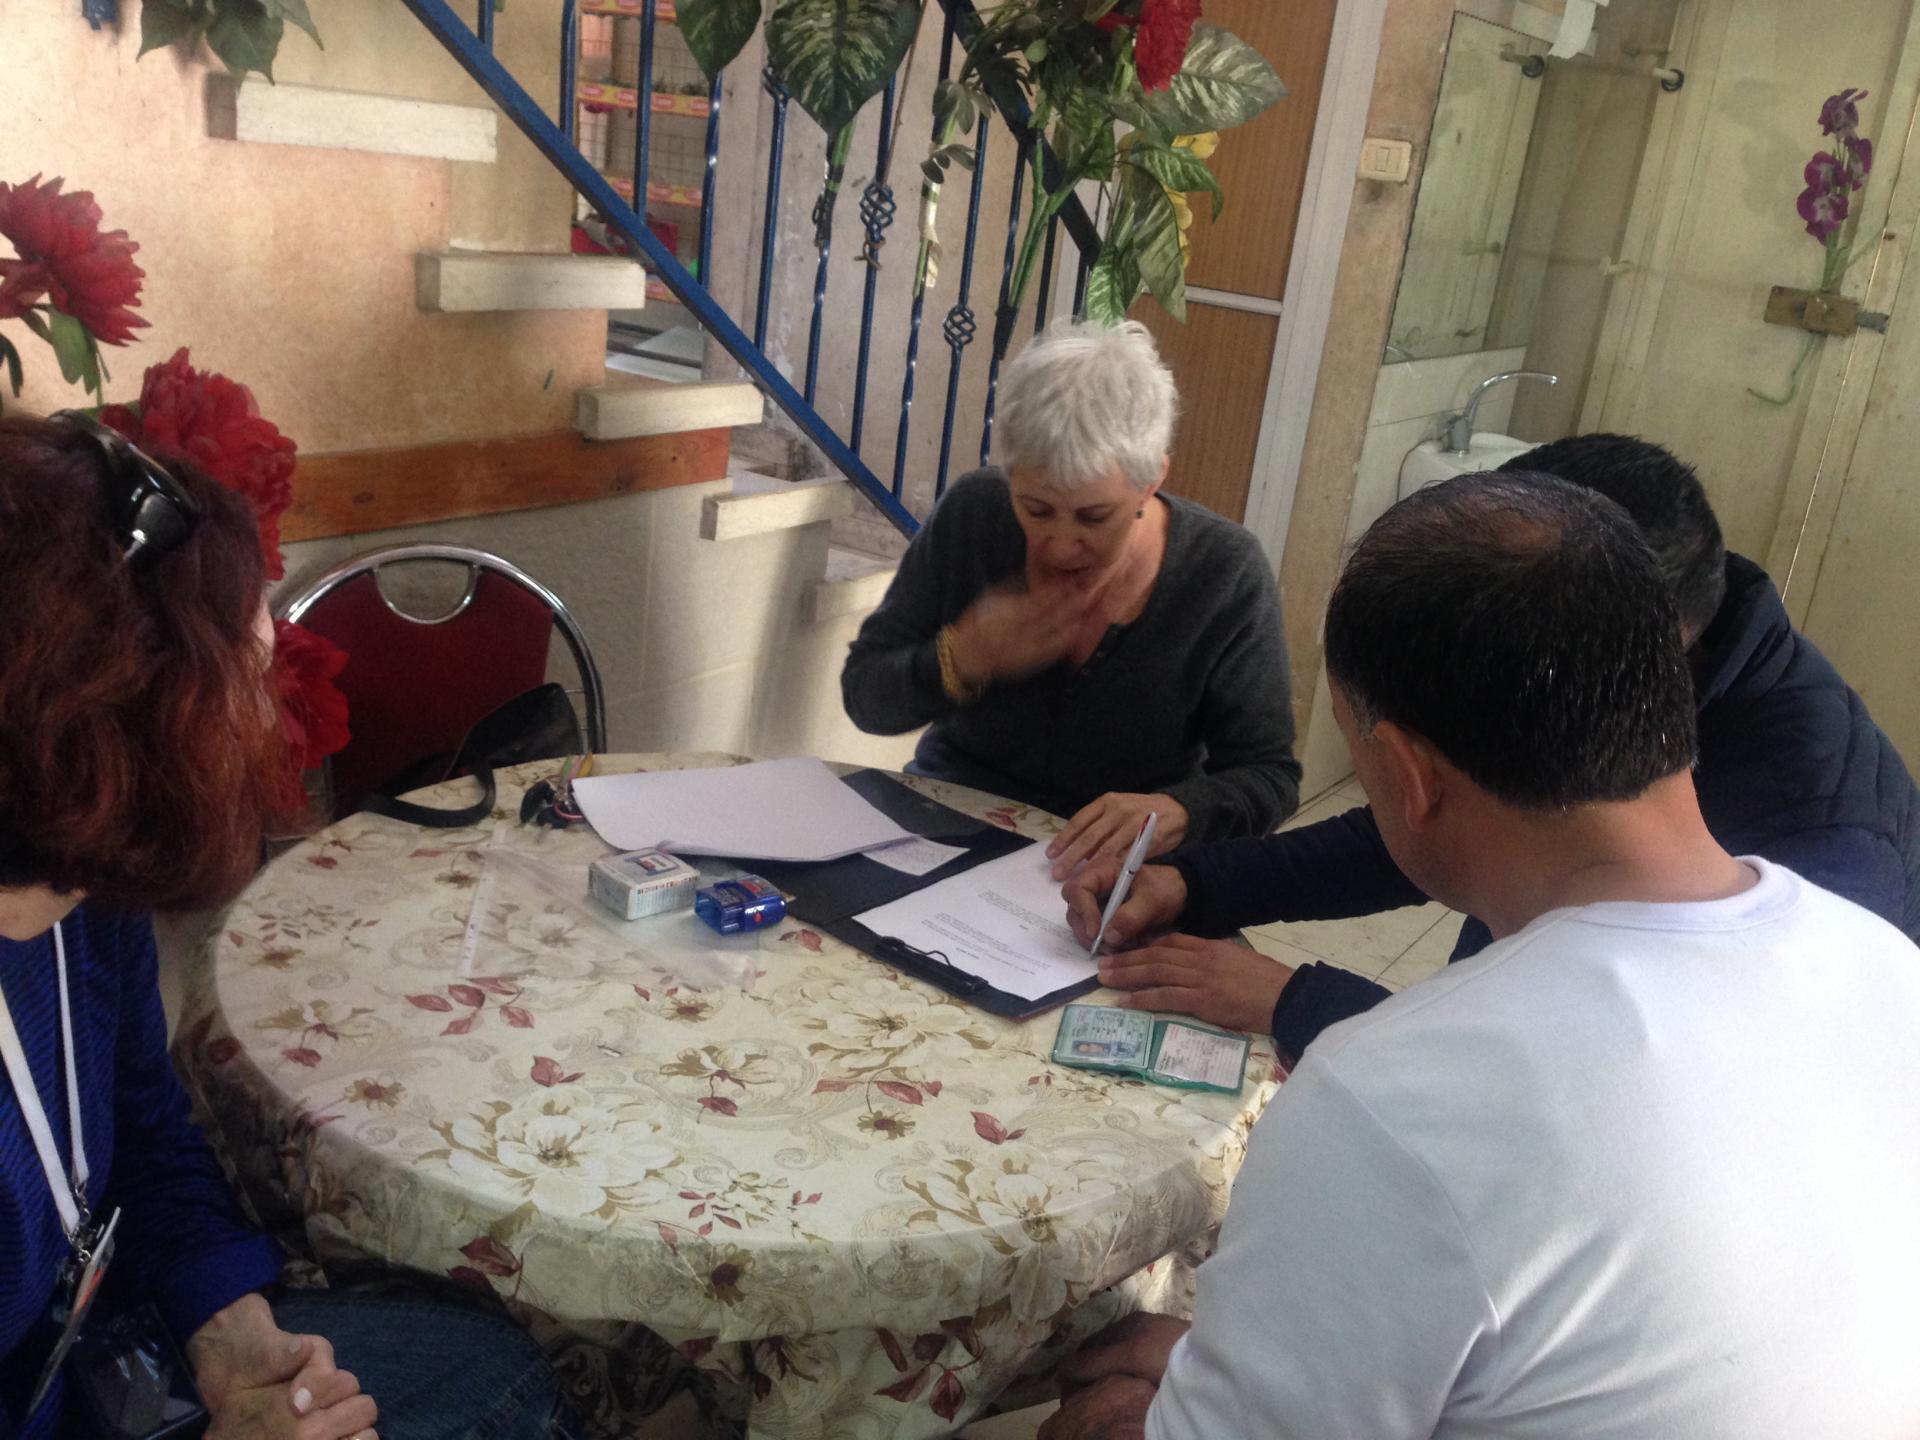 ליאורה מכינה את המסמכים לבקשה: הסרת מניעה